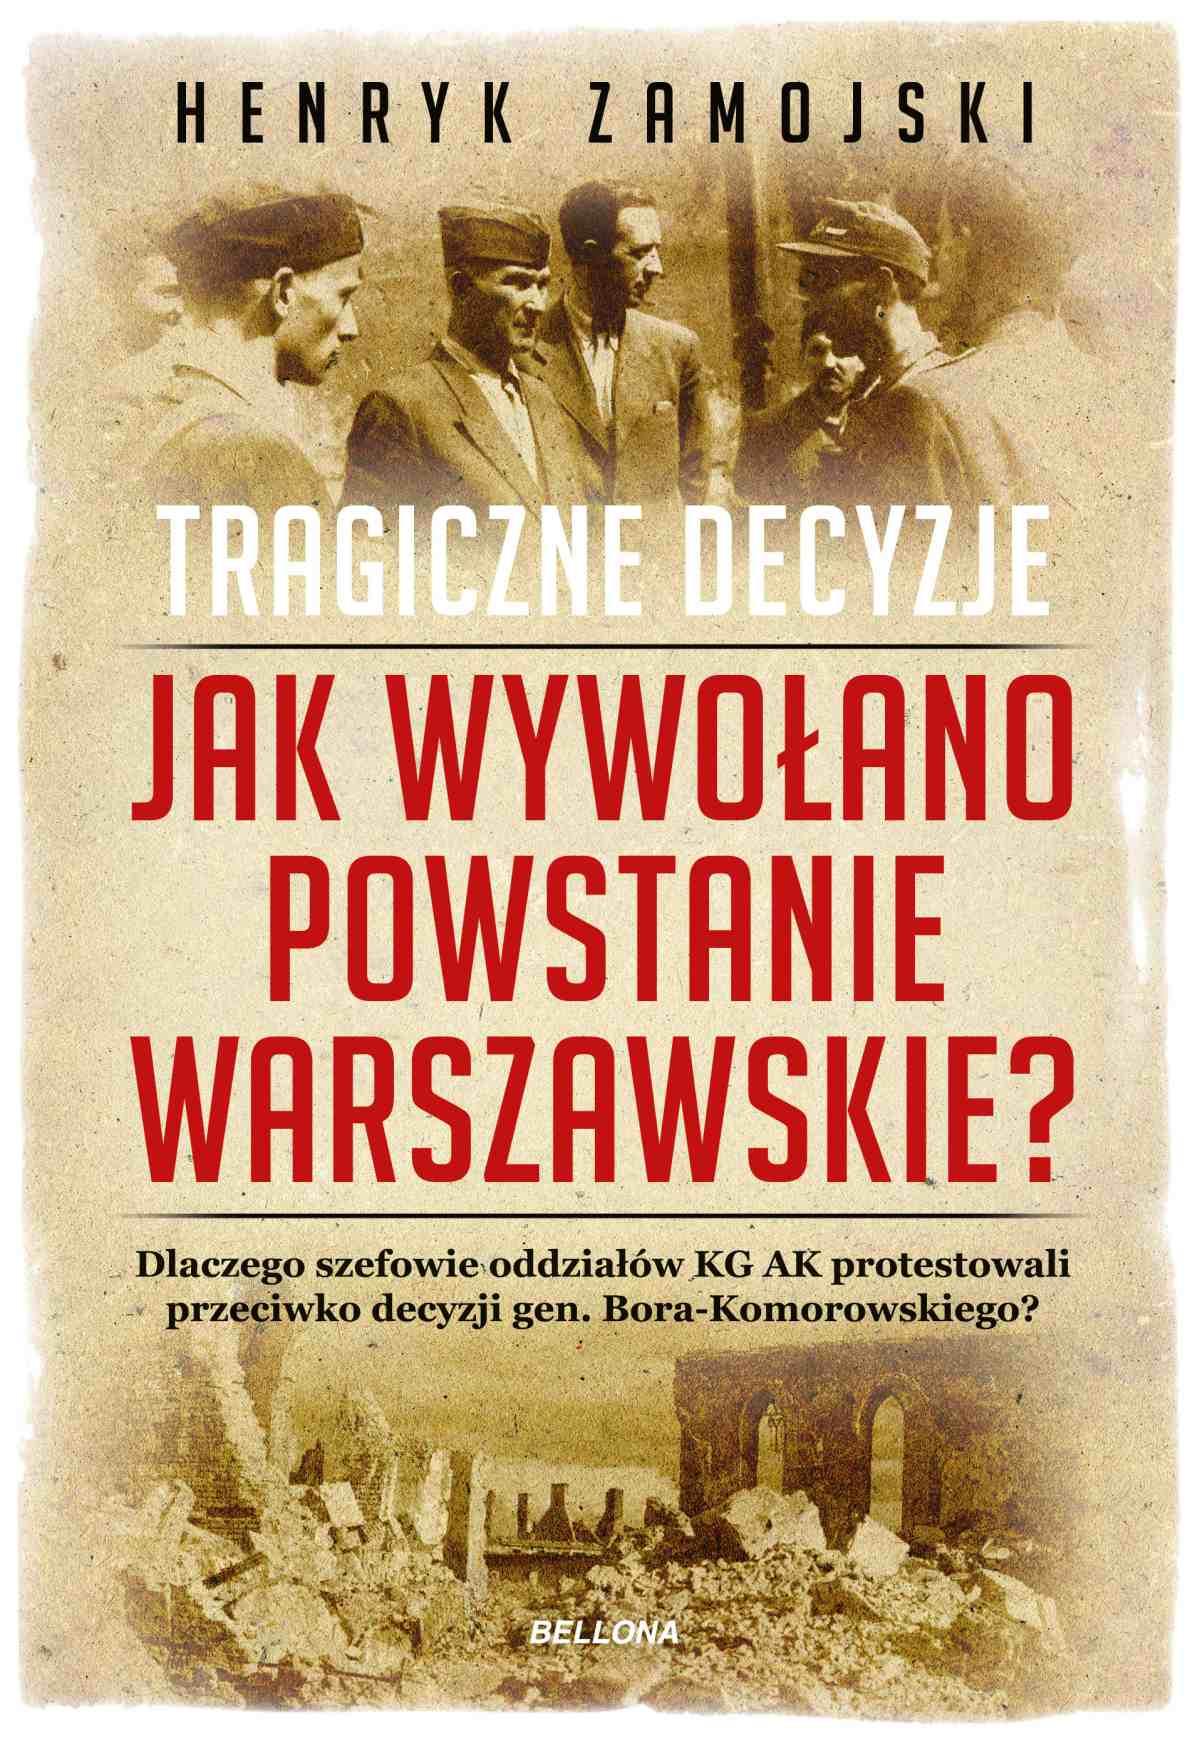 Jak wywołano powstanie warszawskie. Tragiczne dzieje - Ebook (Książka na Kindle) do pobrania w formacie MOBI